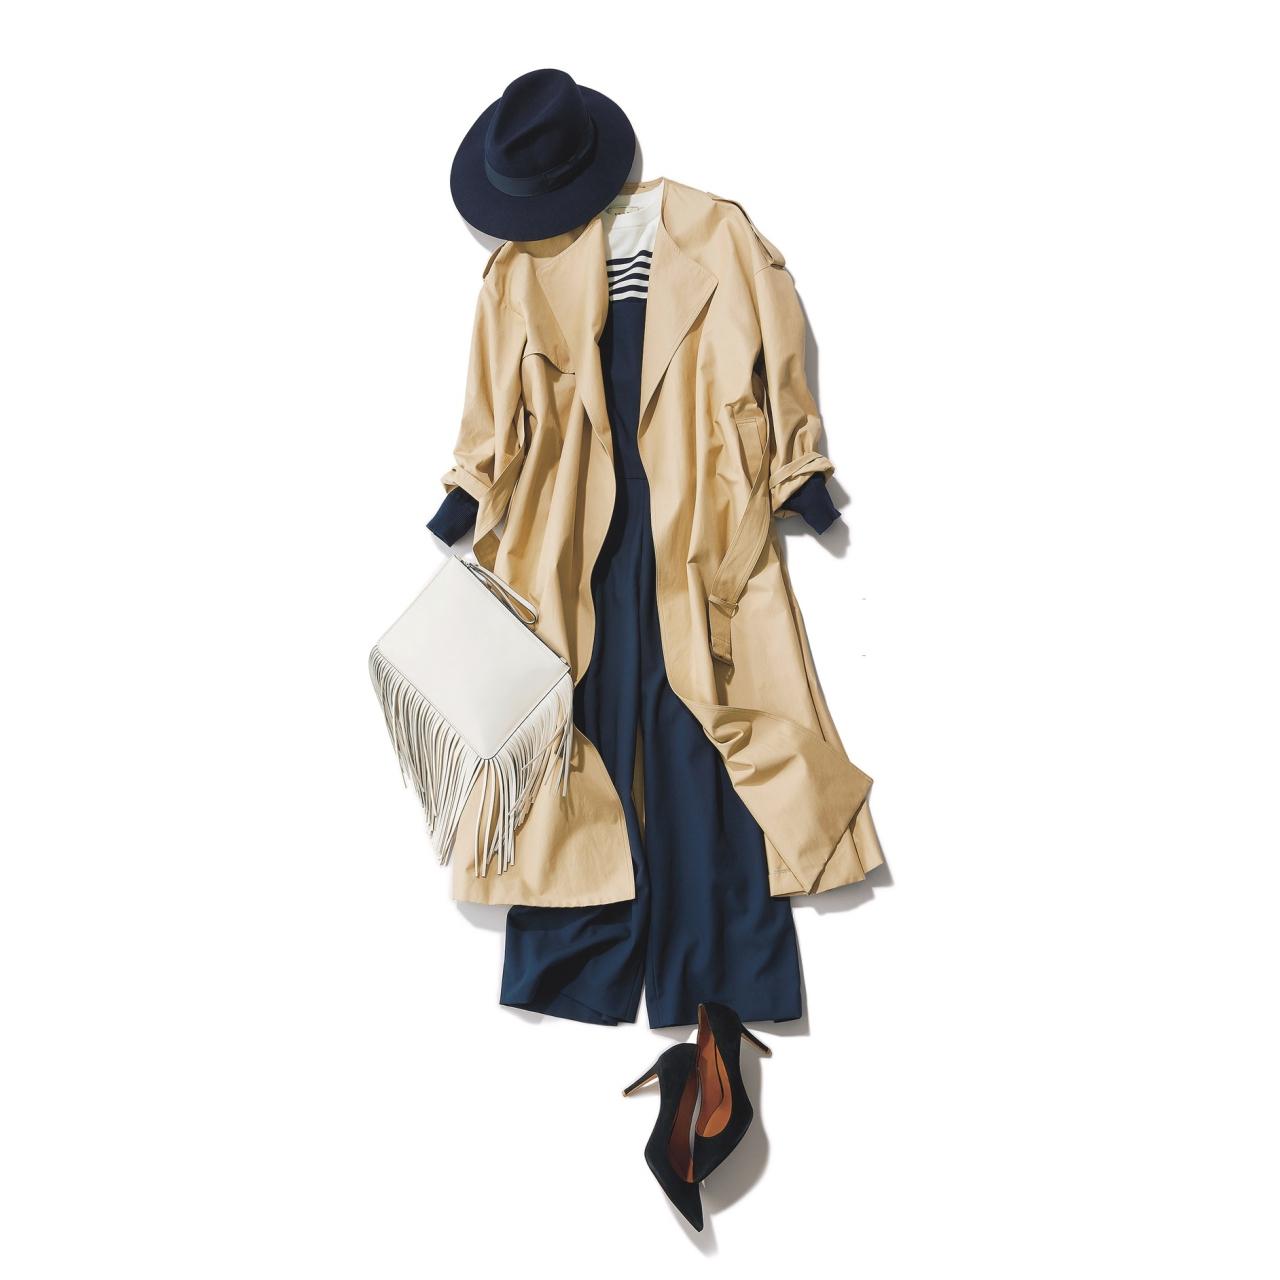 ネイビーのオールインワン×トレンチコートのファッションコーデ